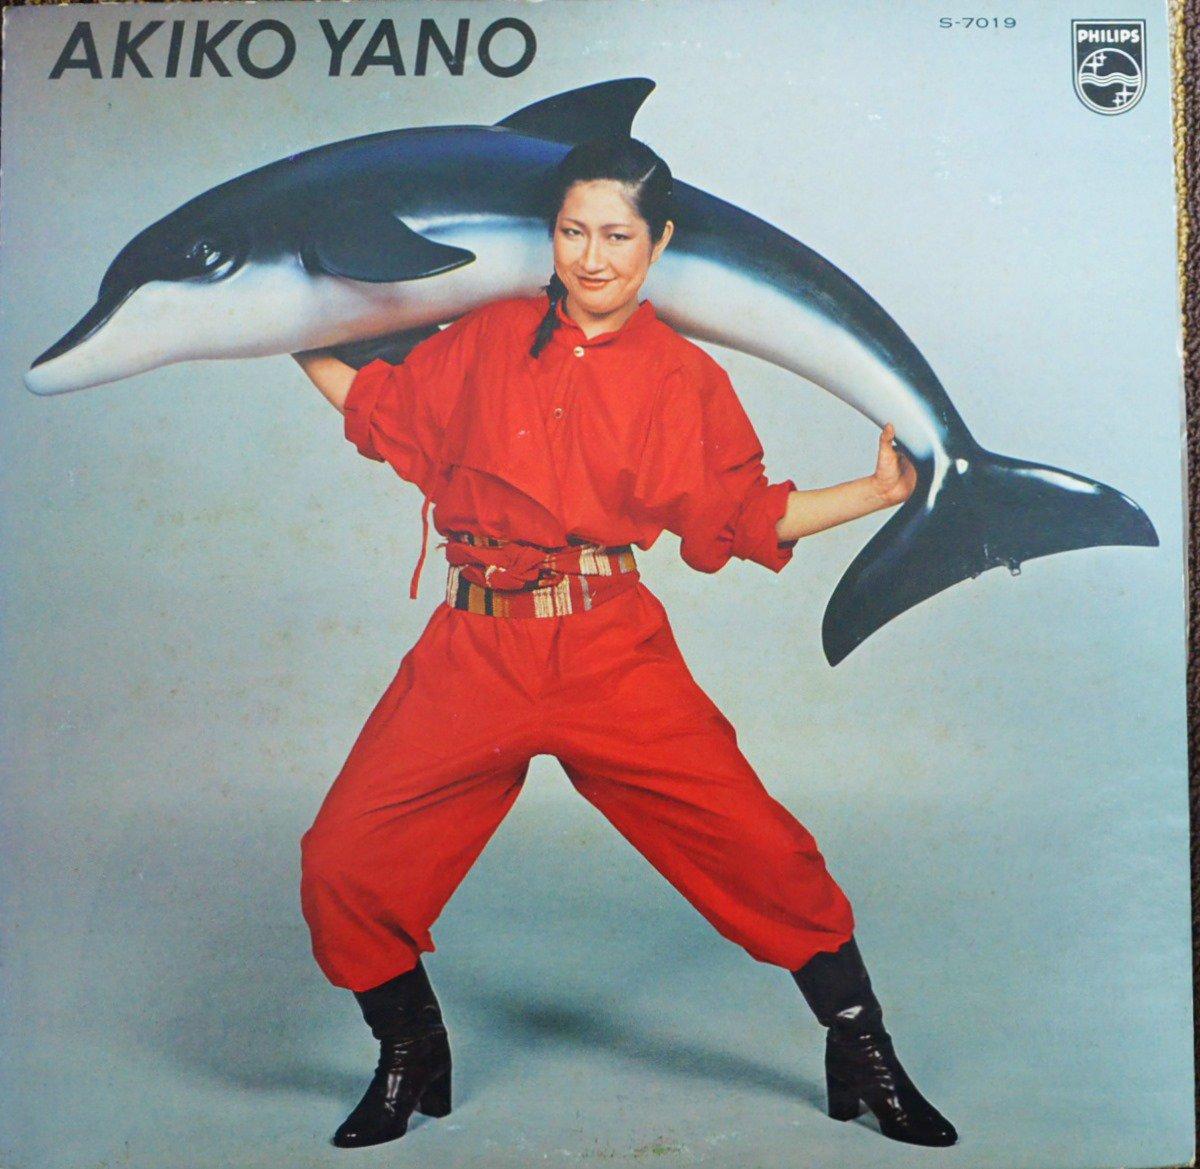 矢野顕子 AKIKO YANO / いろはにこんぺいとう (LP)